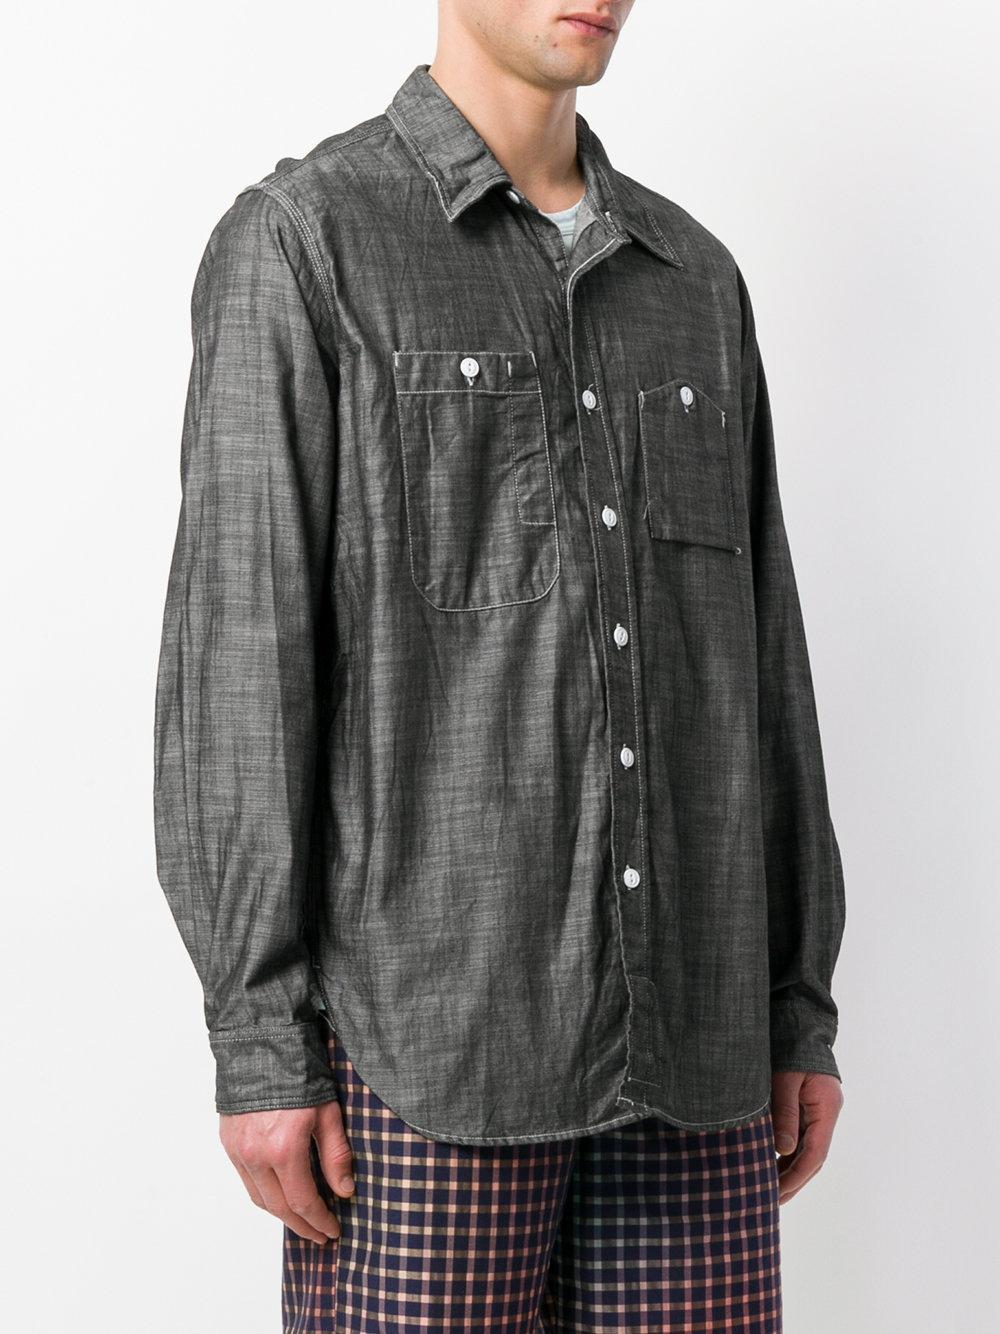 f8d0ea527df Svart skjorte konstruert lommer Asymmetrisk klær EOq51fw